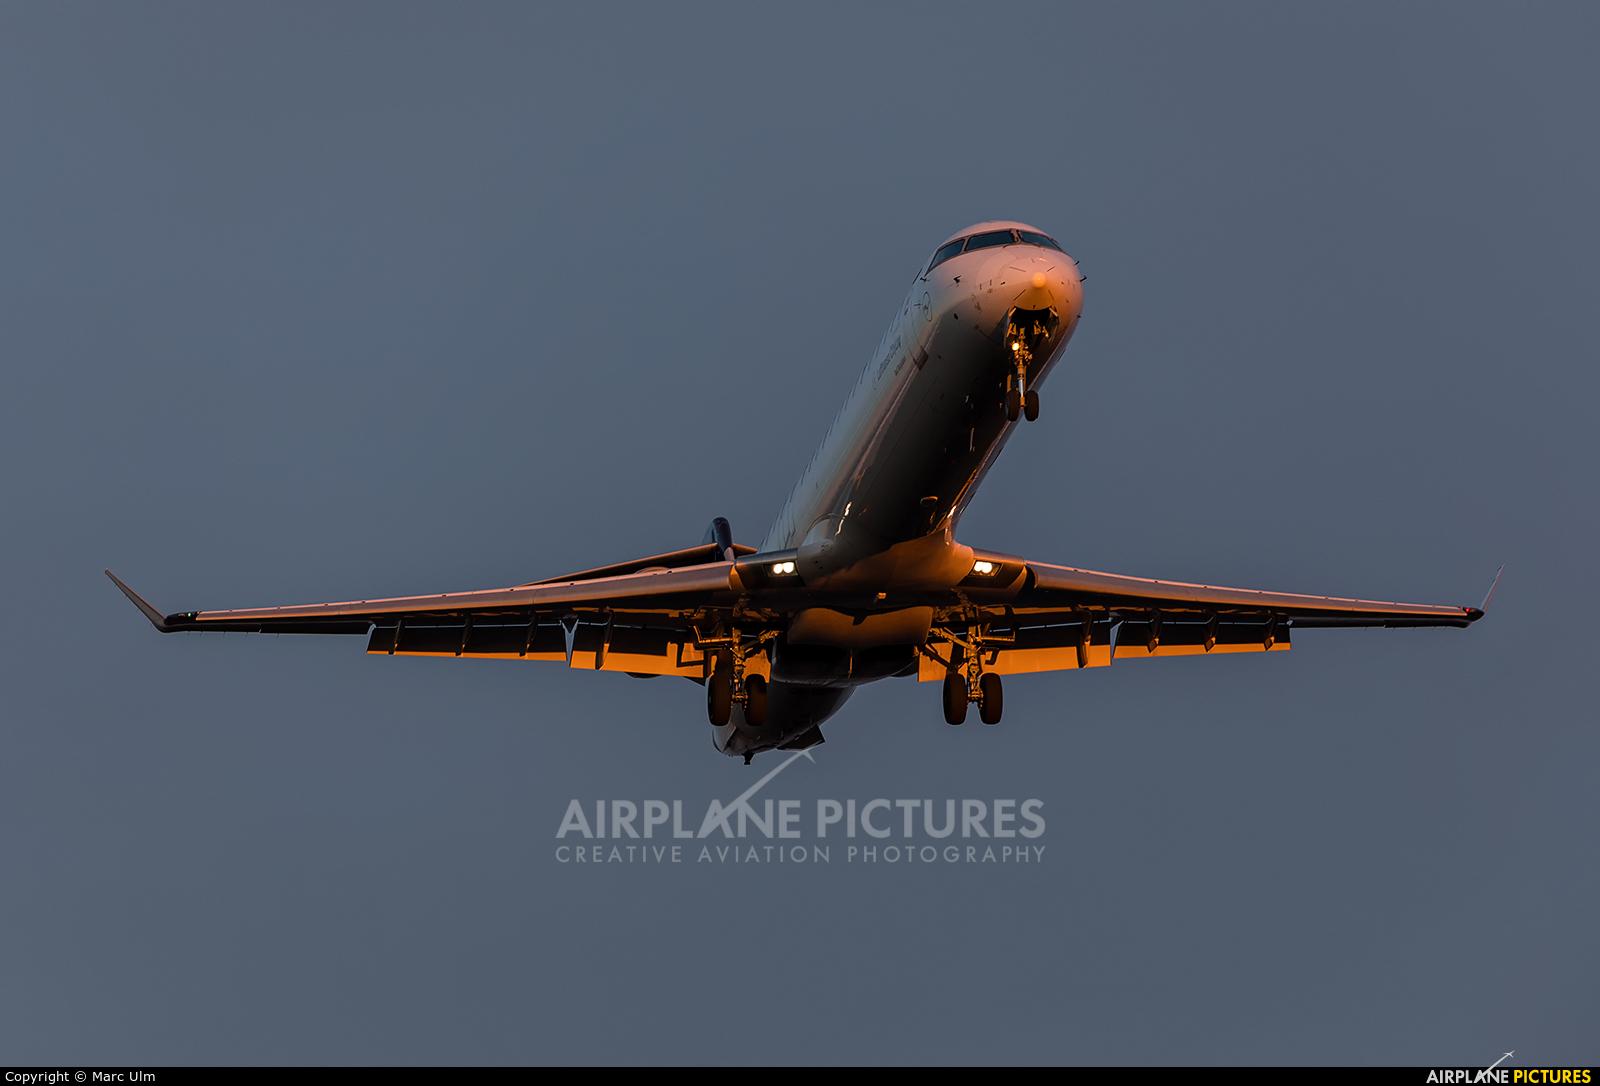 Lufthansa Regional - CityLine D-ACNE aircraft at Munich